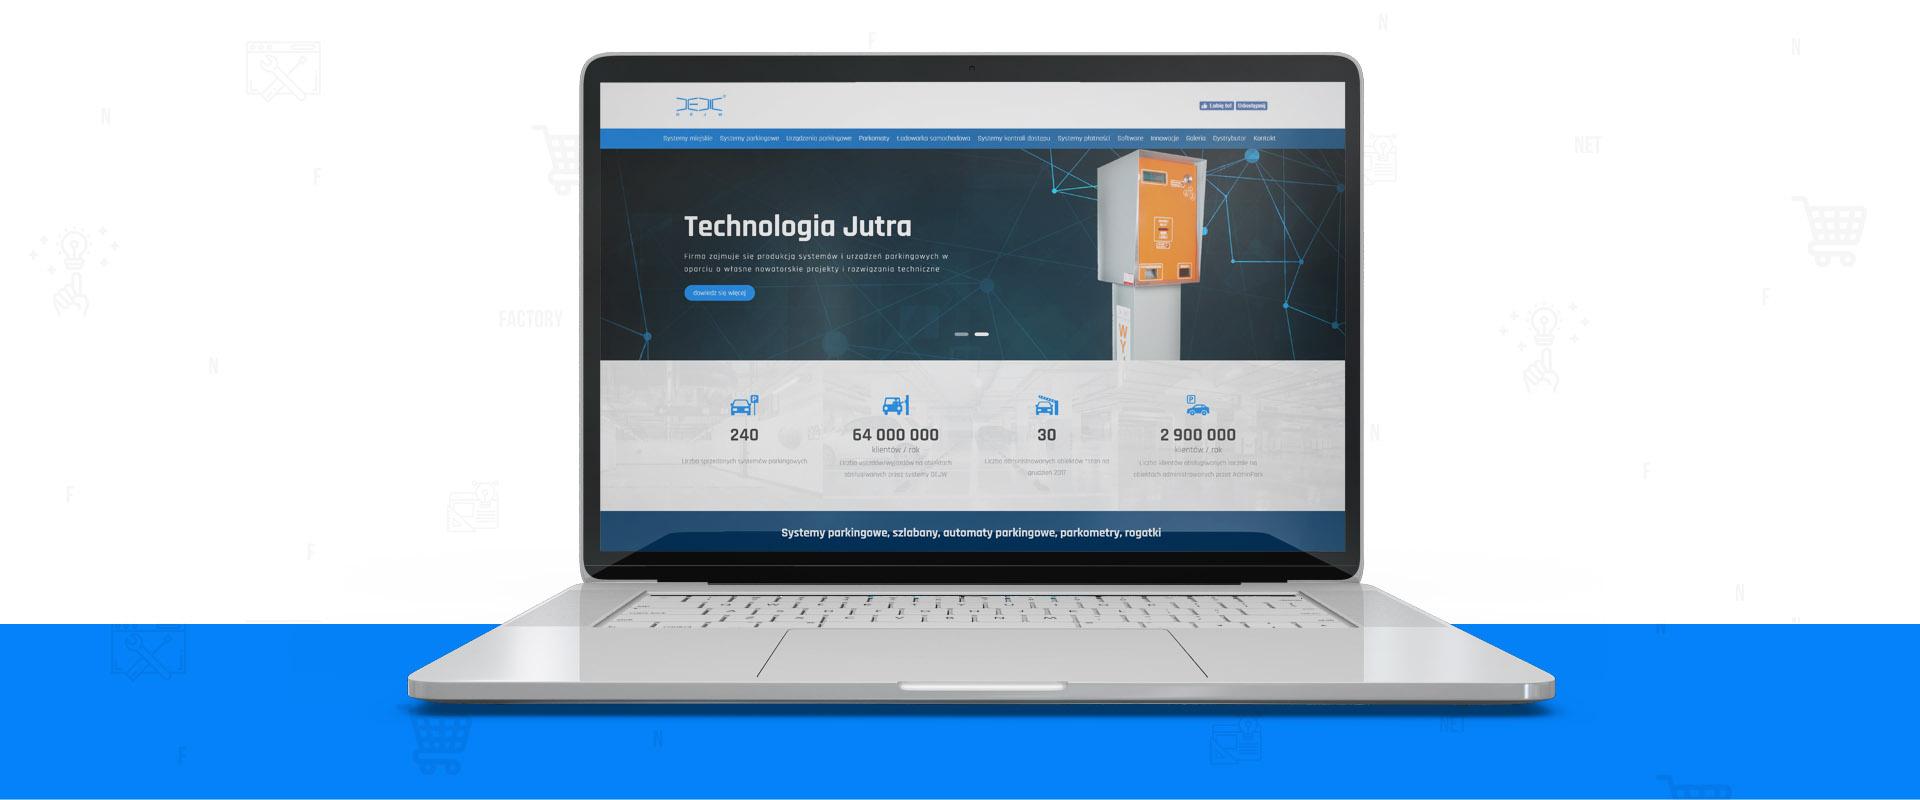 Odświeżenie witryny internetowej firmy DEJW